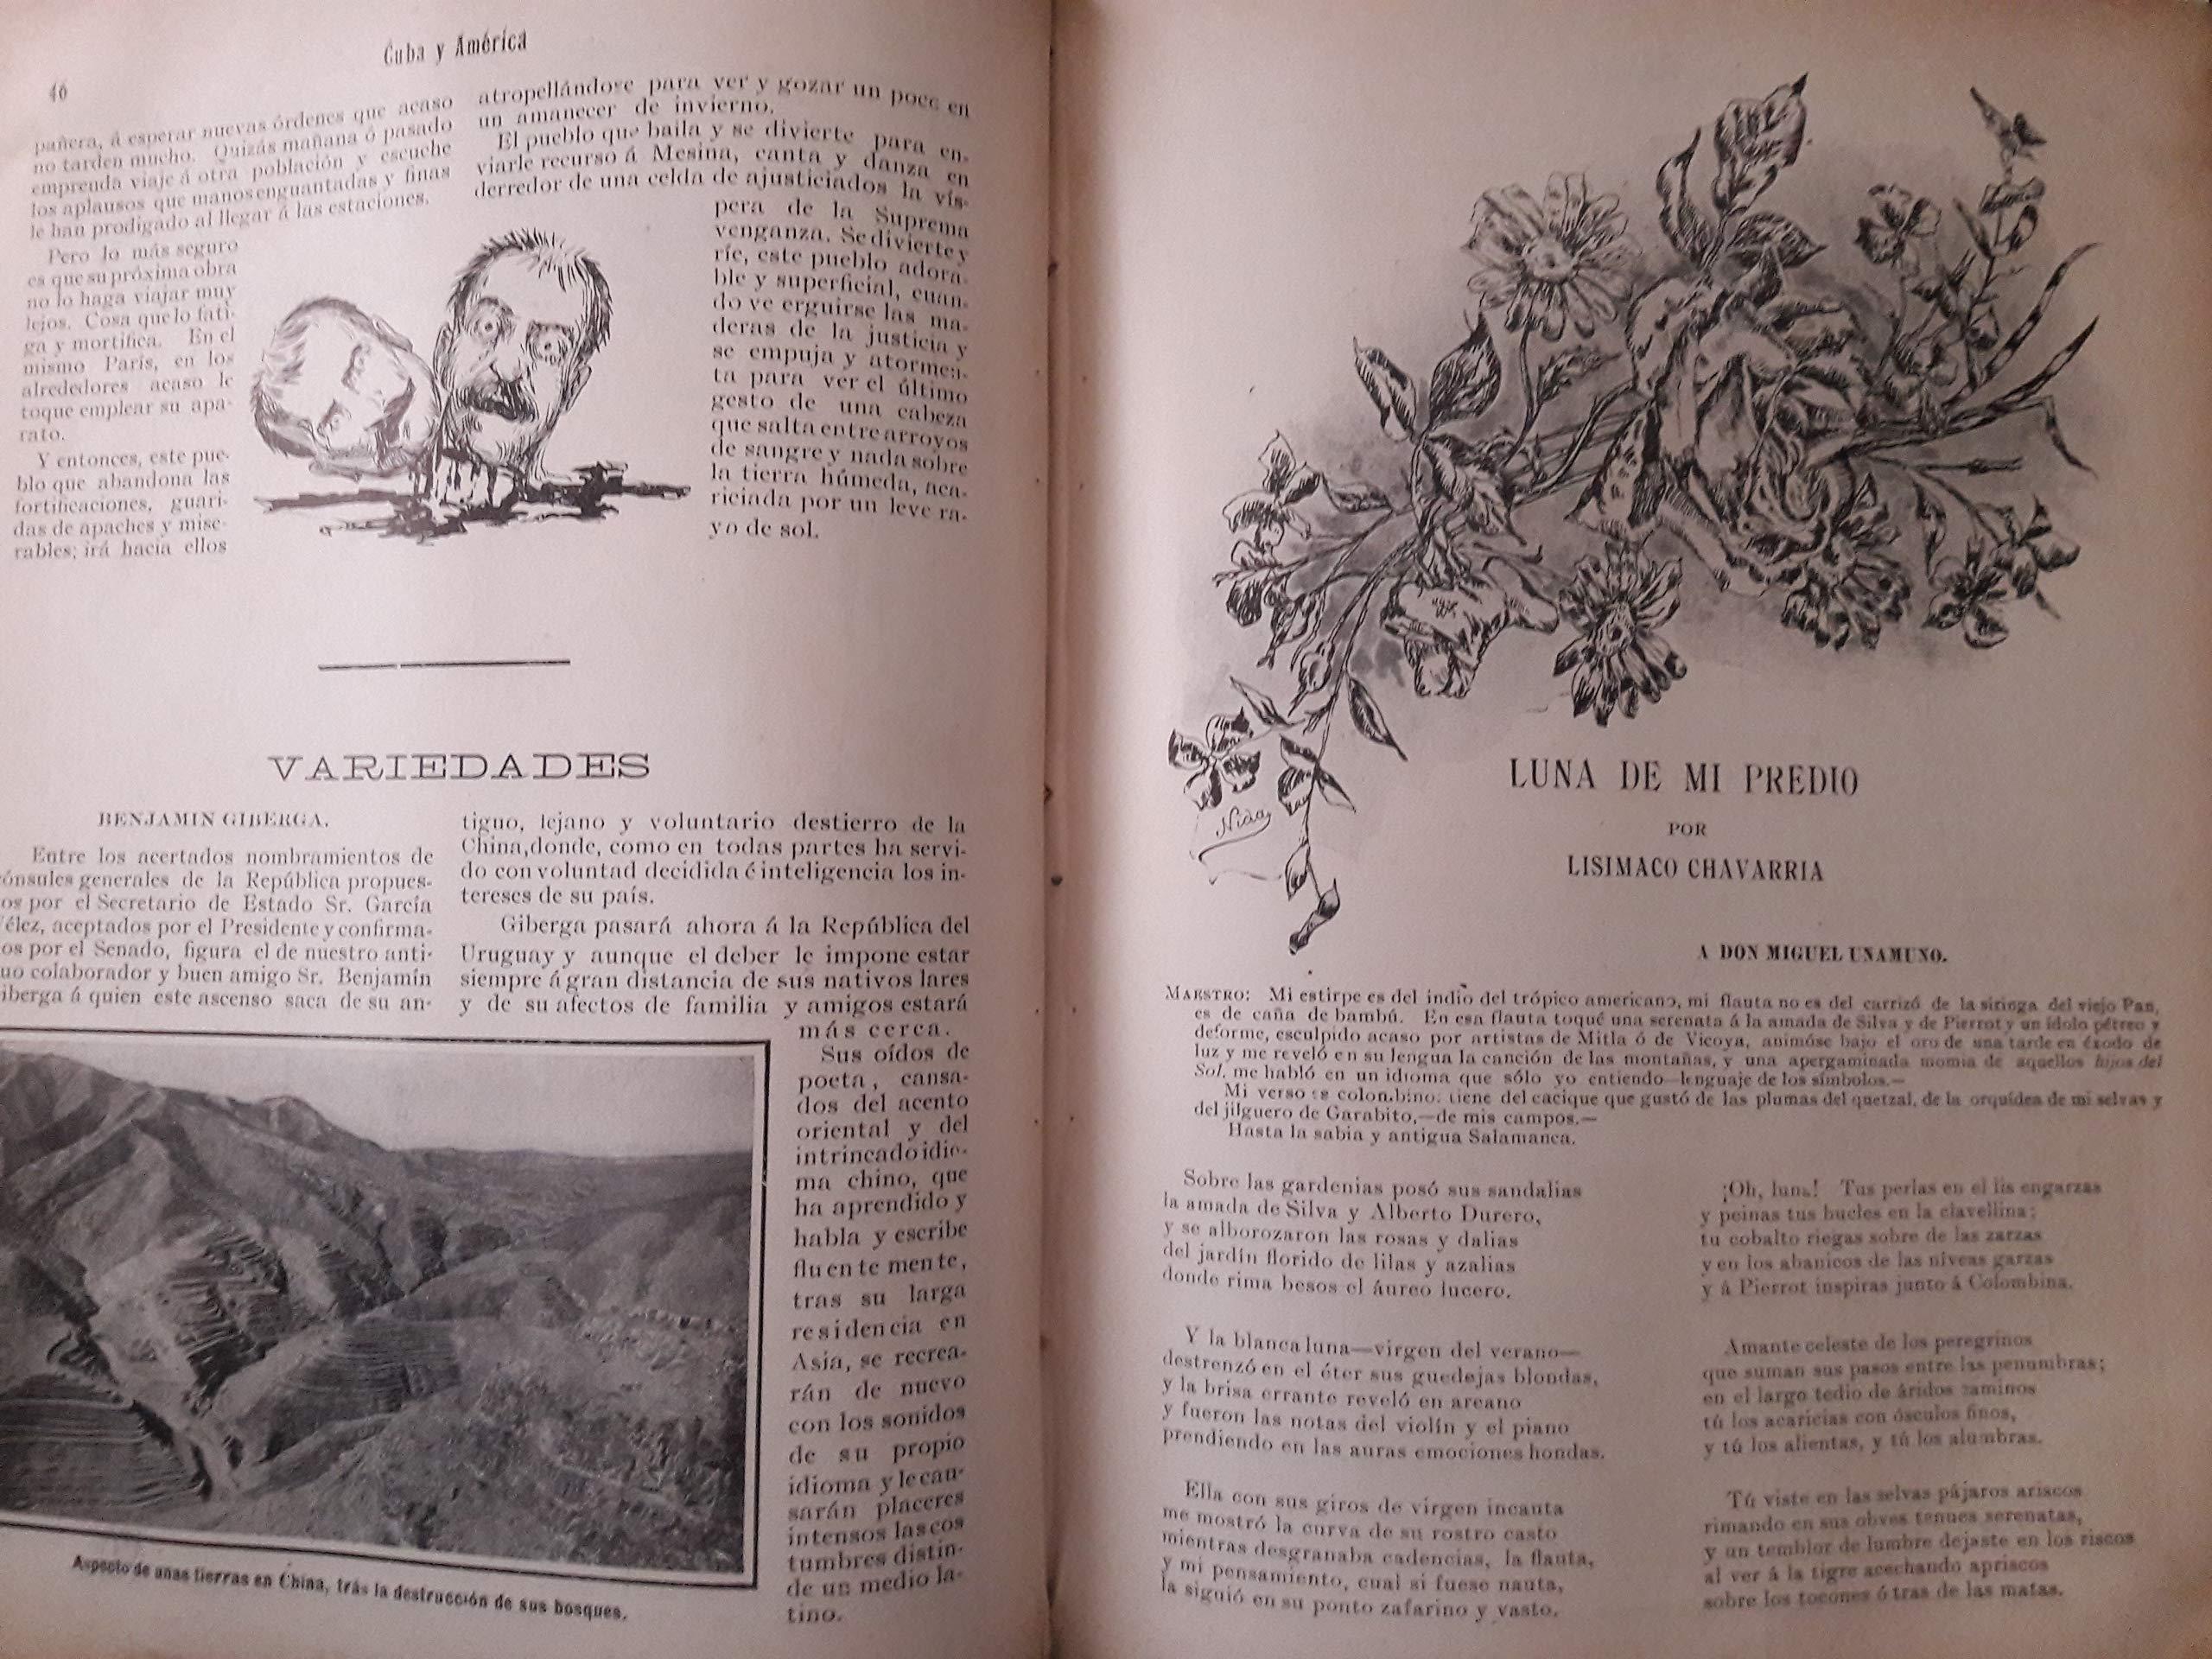 Cuba y america revista mensual ilustrada.de febrero de 1909 ...